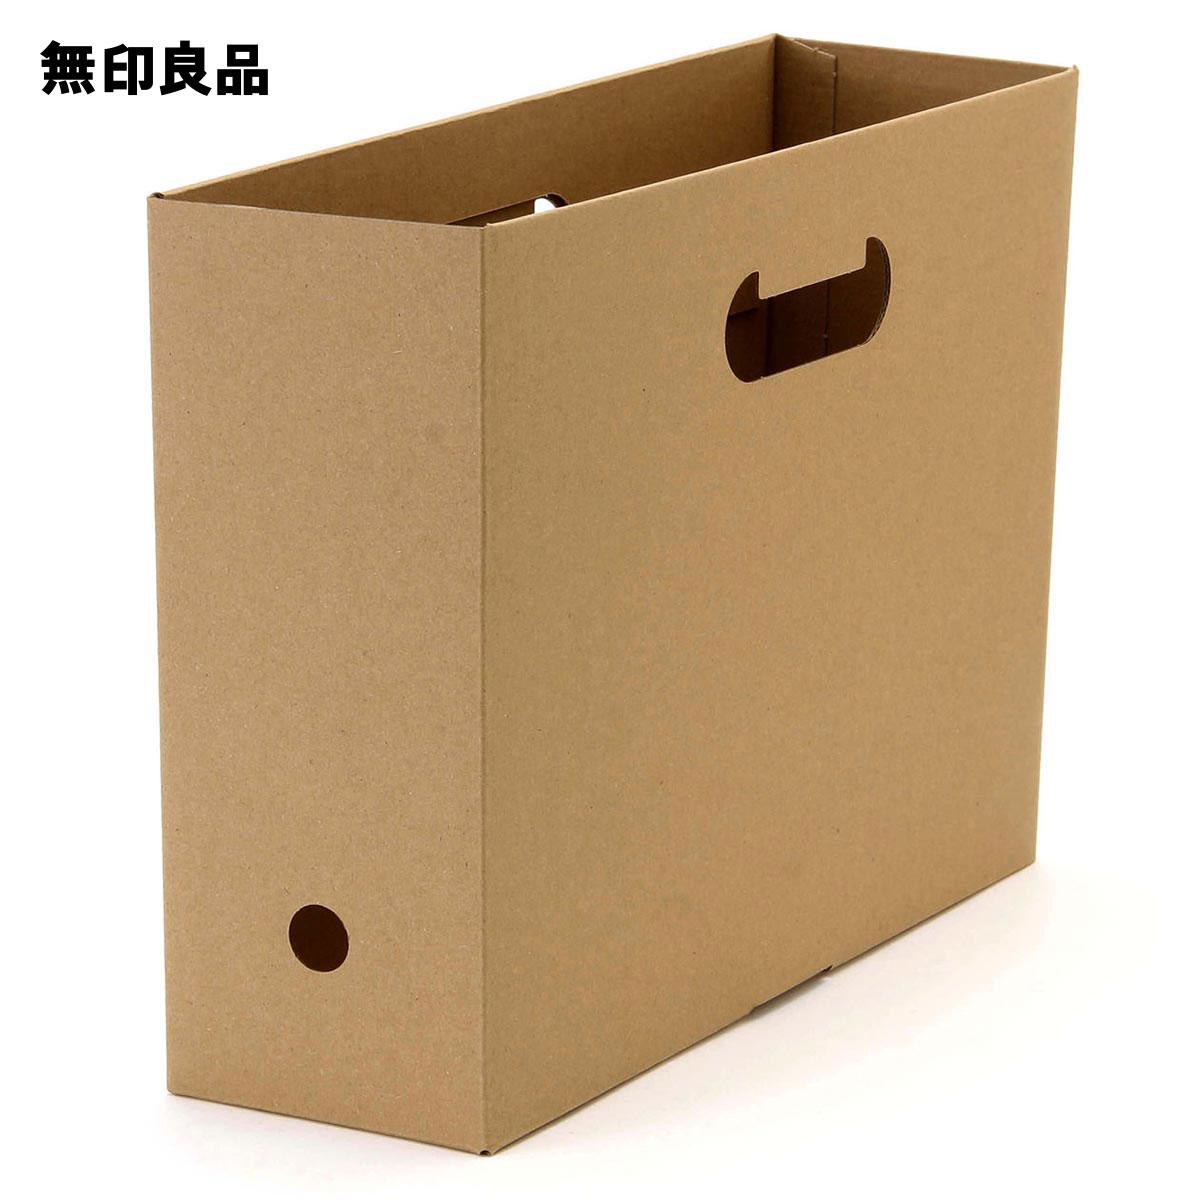 【無印良品 公式】ワンタッチで組み立てられるダンボールファイルボックス・5枚組 A4用